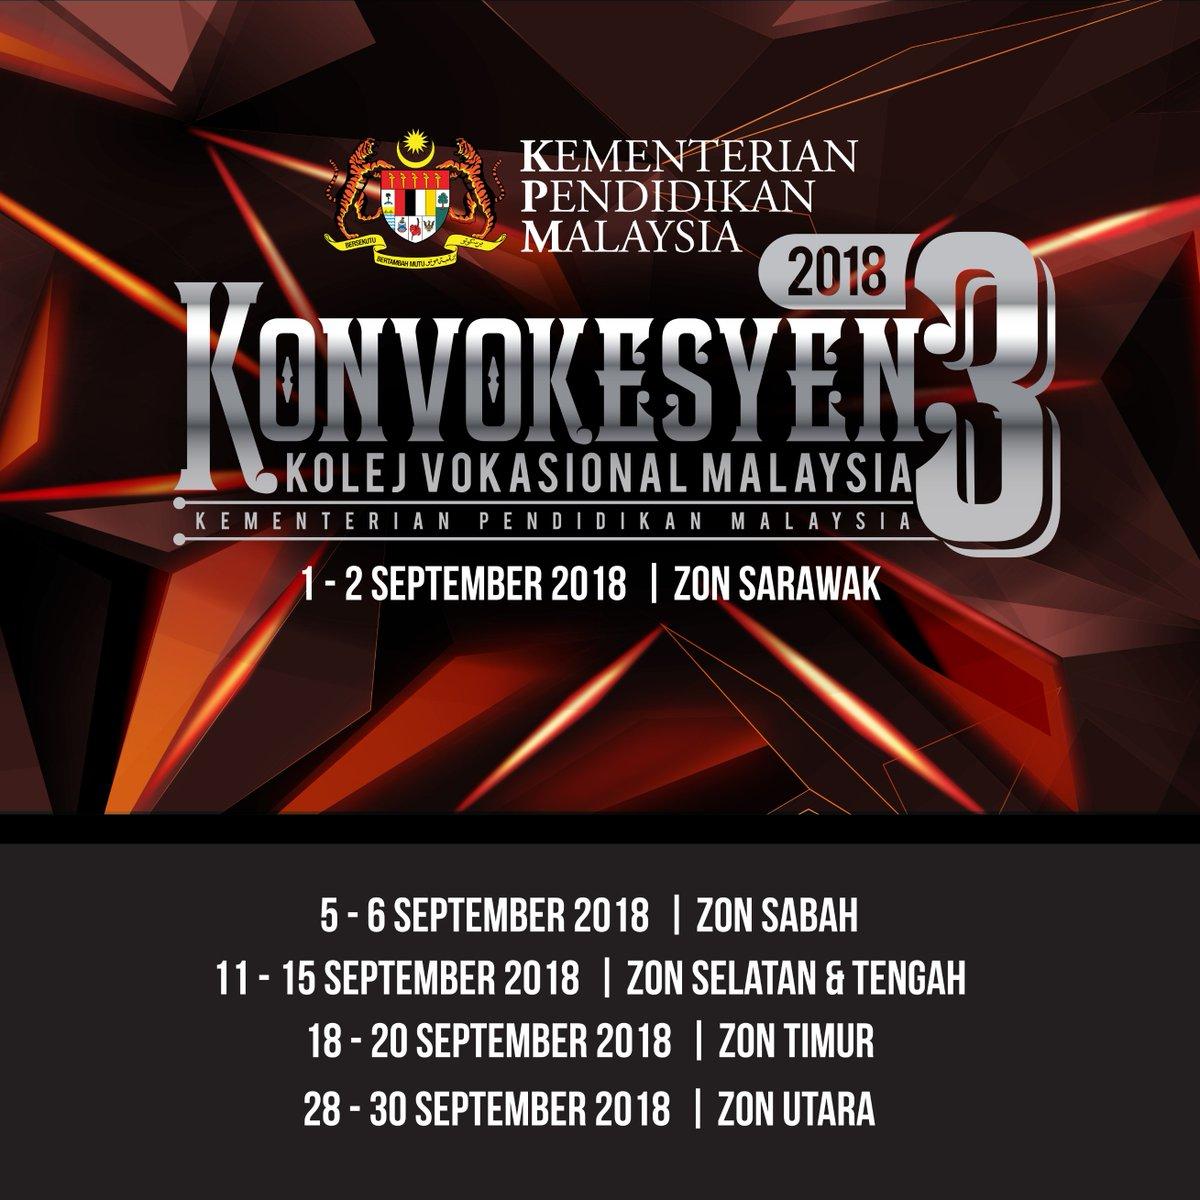 Kpm Twitterren Bahagian Pendidikan Teknik Dan Vokasional Kpm Akan Menganjurkan Majlis Konvokesyen Kolej Vokasional 2018 Bagi Zon Sarawak Pada 1 2 September 2018 Https T Co Akatxprwuq